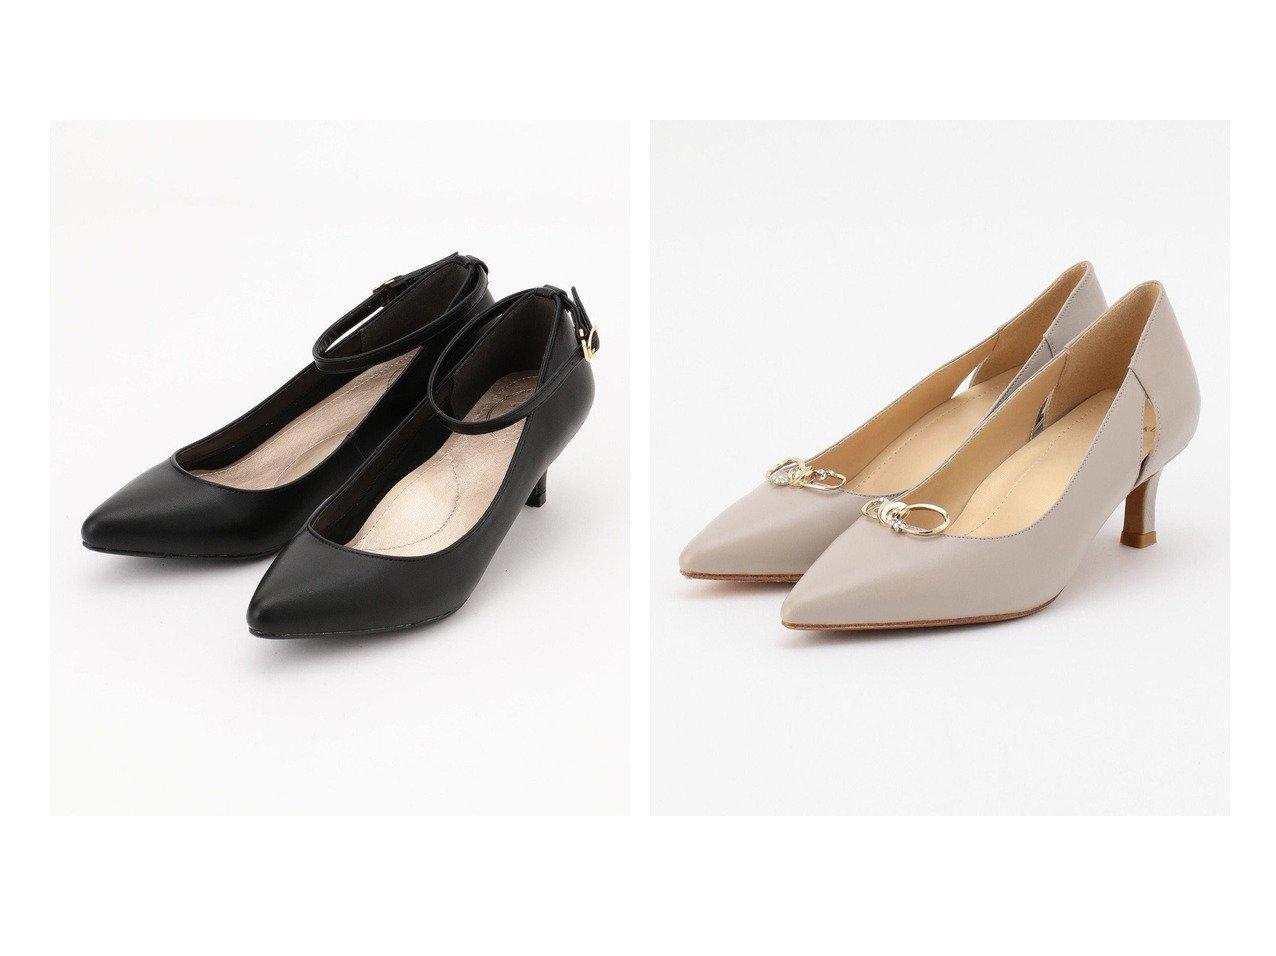 【JIYU-KU/自由区】のビジューモチーフ付き 2WAY パンプス&【any SiS/エニィ スィス】の【疲れにくい】コンフォート2WAY パンプス 【シューズ・靴】おすすめ!人気、トレンド・レディースファッションの通販 おすすめで人気の流行・トレンド、ファッションの通販商品 インテリア・家具・メンズファッション・キッズファッション・レディースファッション・服の通販 founy(ファニー) https://founy.com/ ファッション Fashion レディースファッション WOMEN 送料無料 Free Shipping おすすめ Recommend クッション シューズ シンプル ベーシック ラップ 無地 インソール カッティング 雑誌 |ID:crp329100000046148